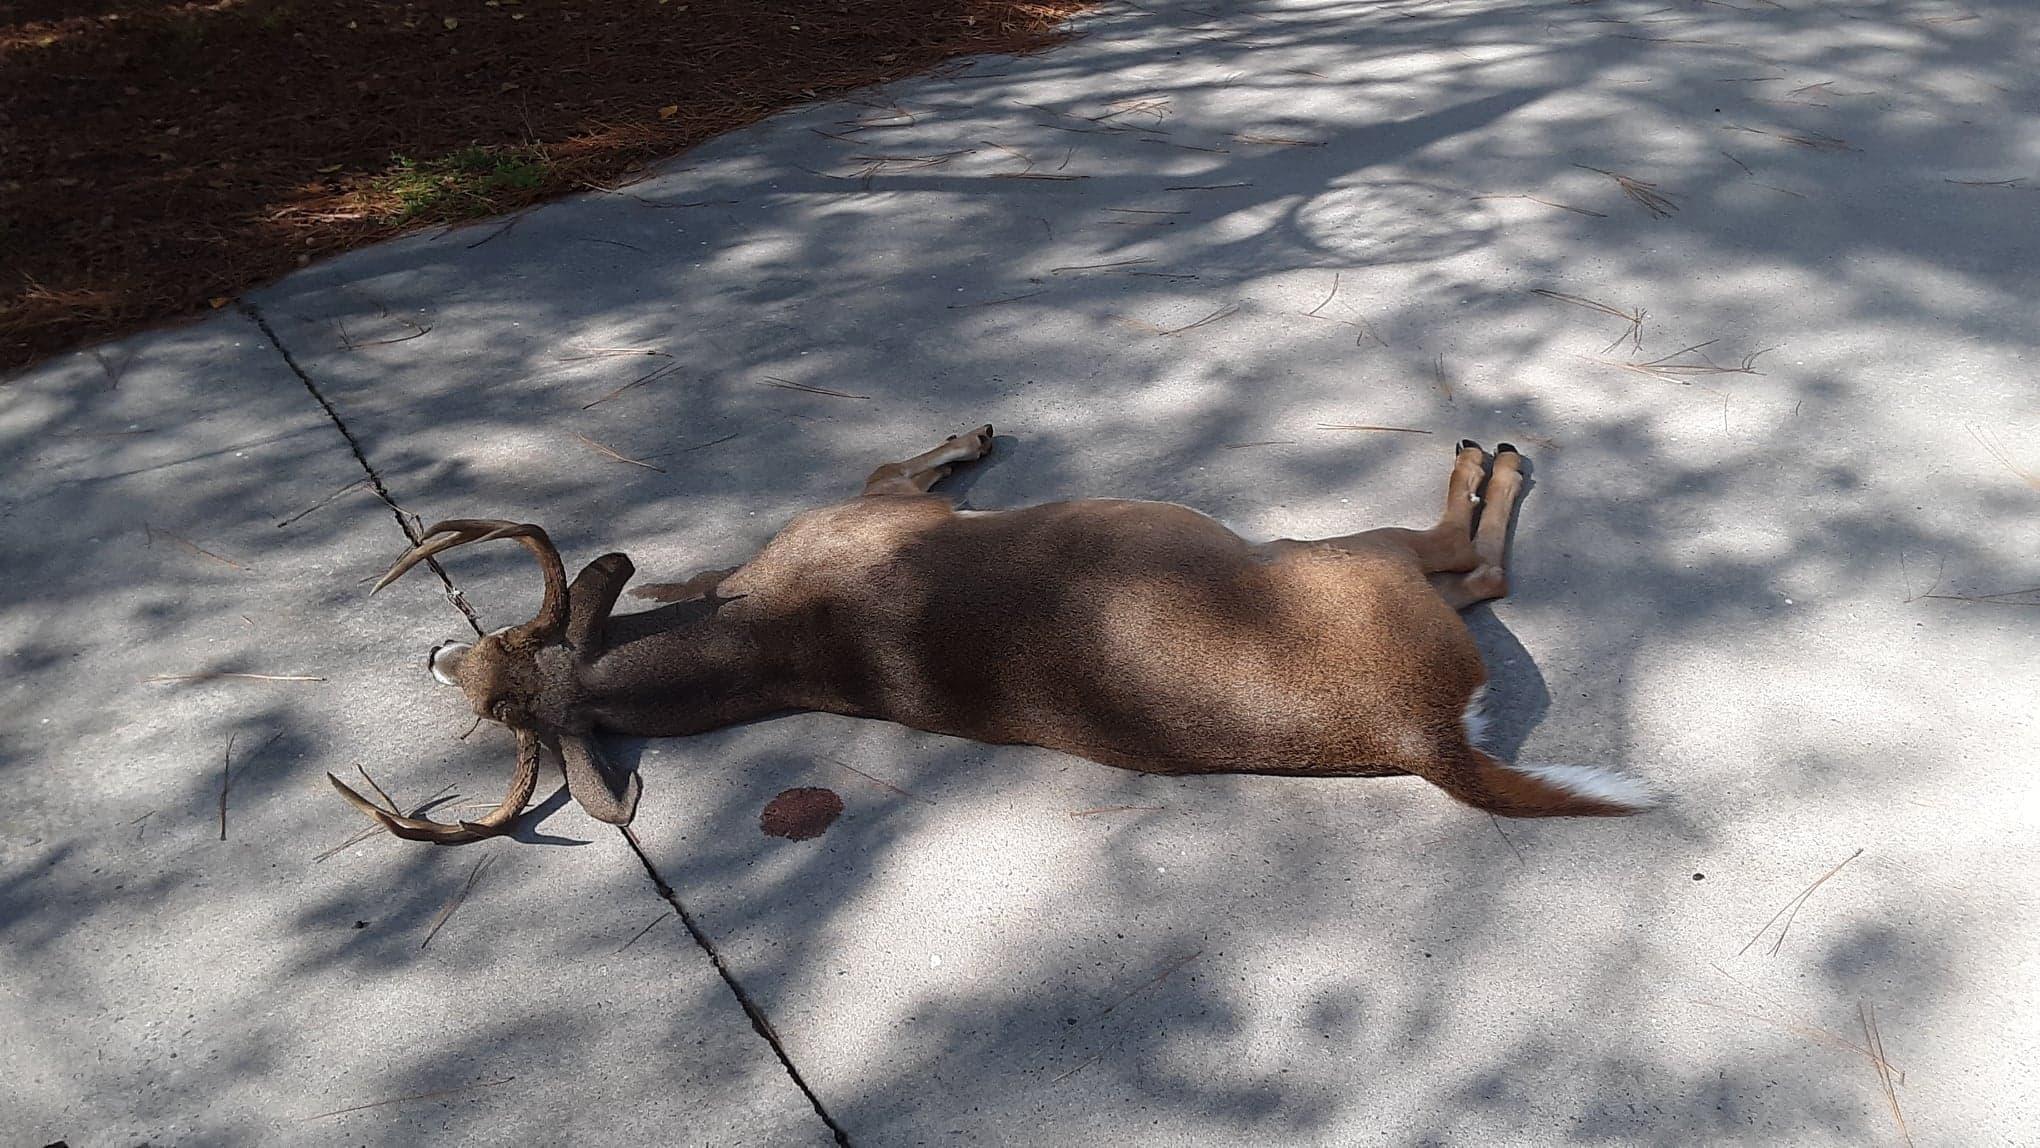 .300 AAC Blackout deer down-74605510_1776939479116512_4518853538729689088_n.jpg